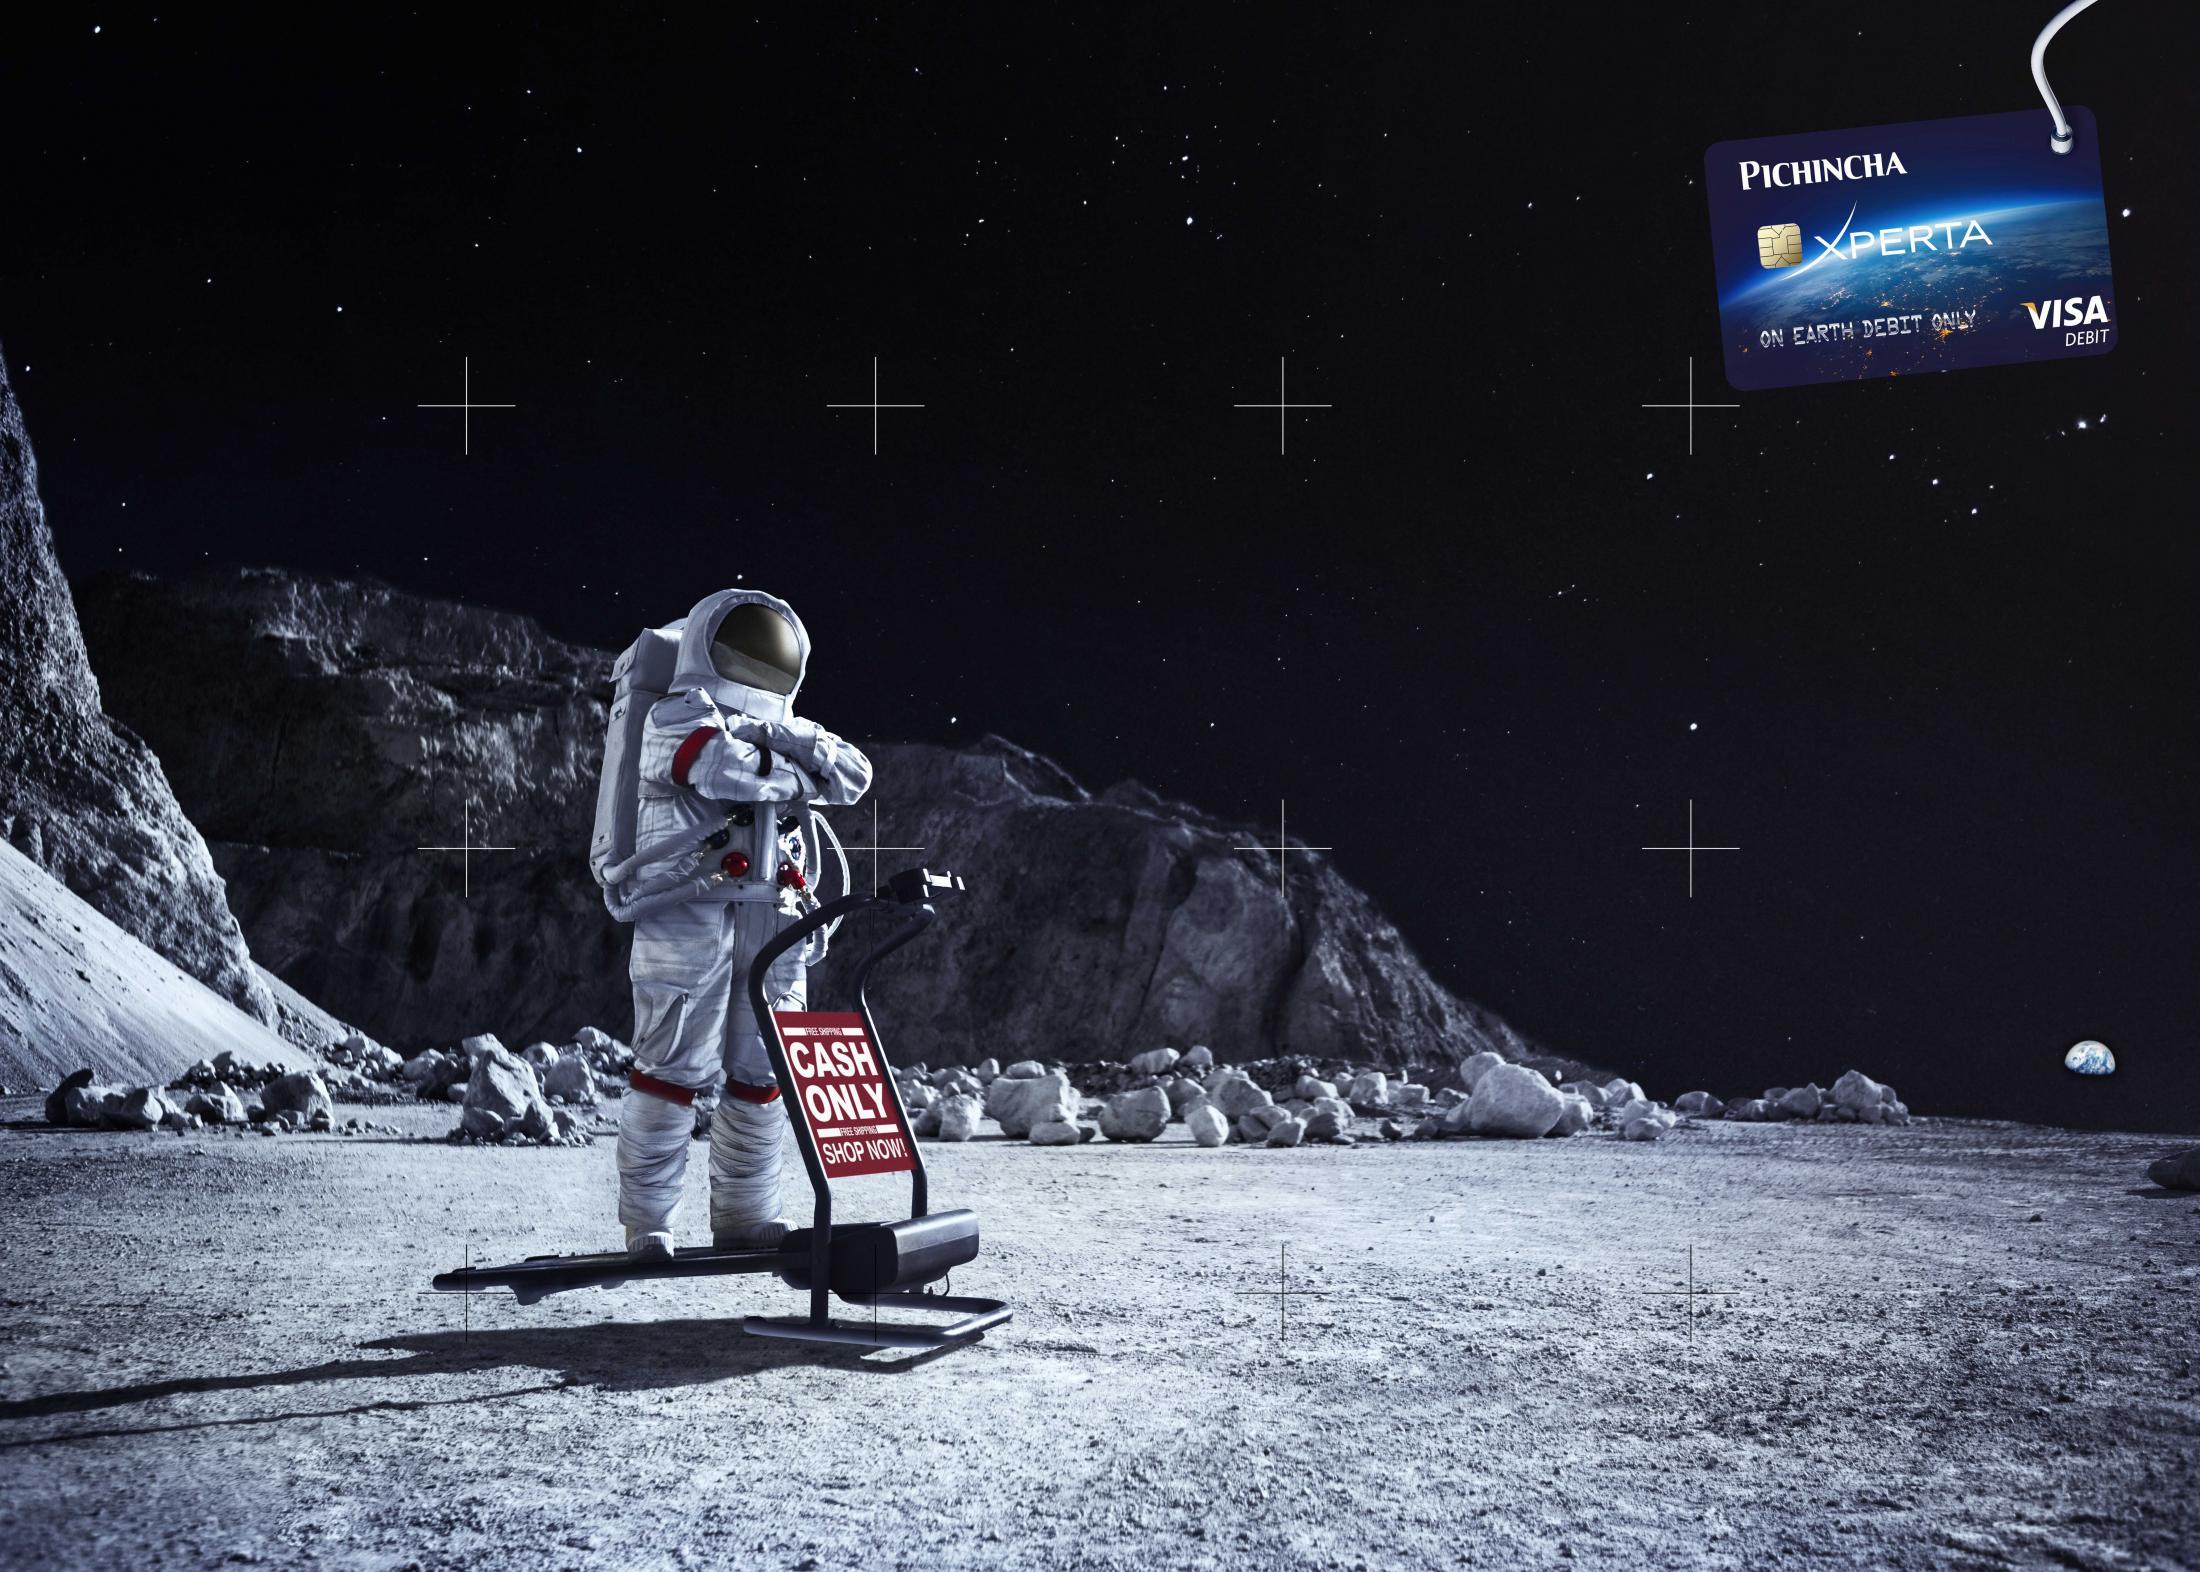 Banco Pichincha Print Ad - Moon